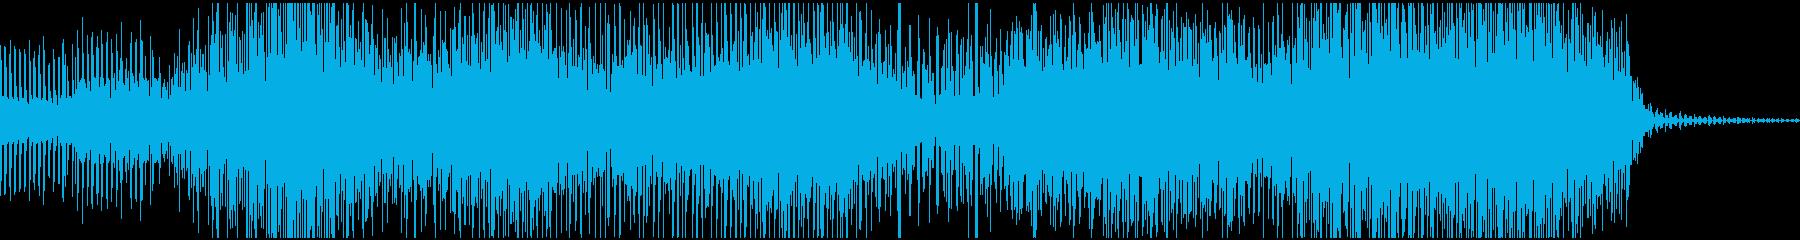 哀愁あるサイケデリックサウンド(和風)の再生済みの波形